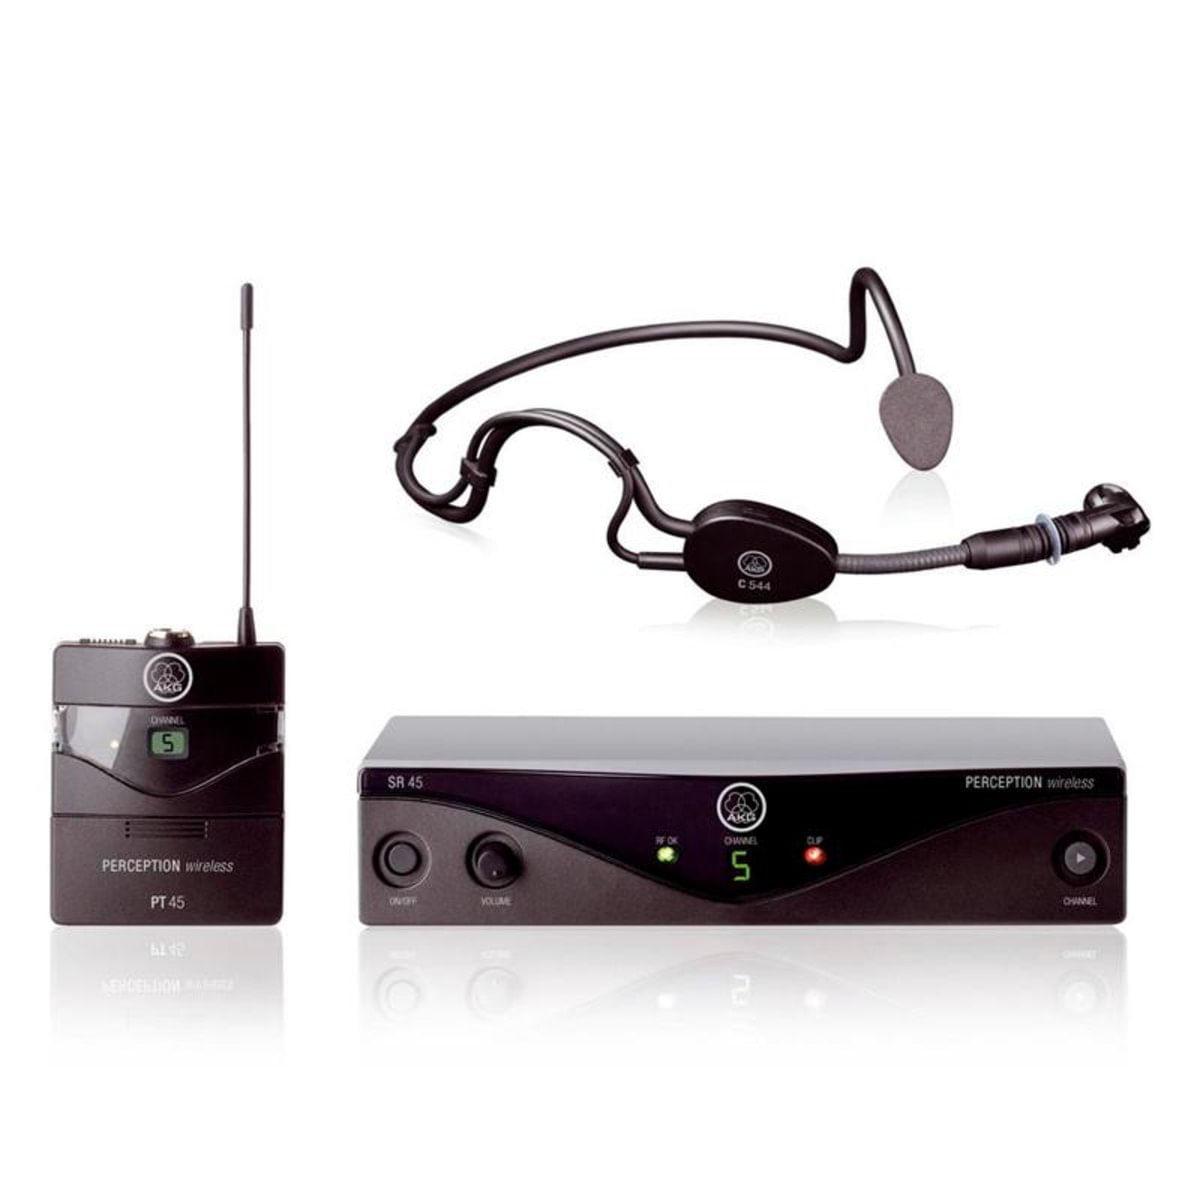 Microfone HeadSet Perception Wireless 45 Sports Set Band-A